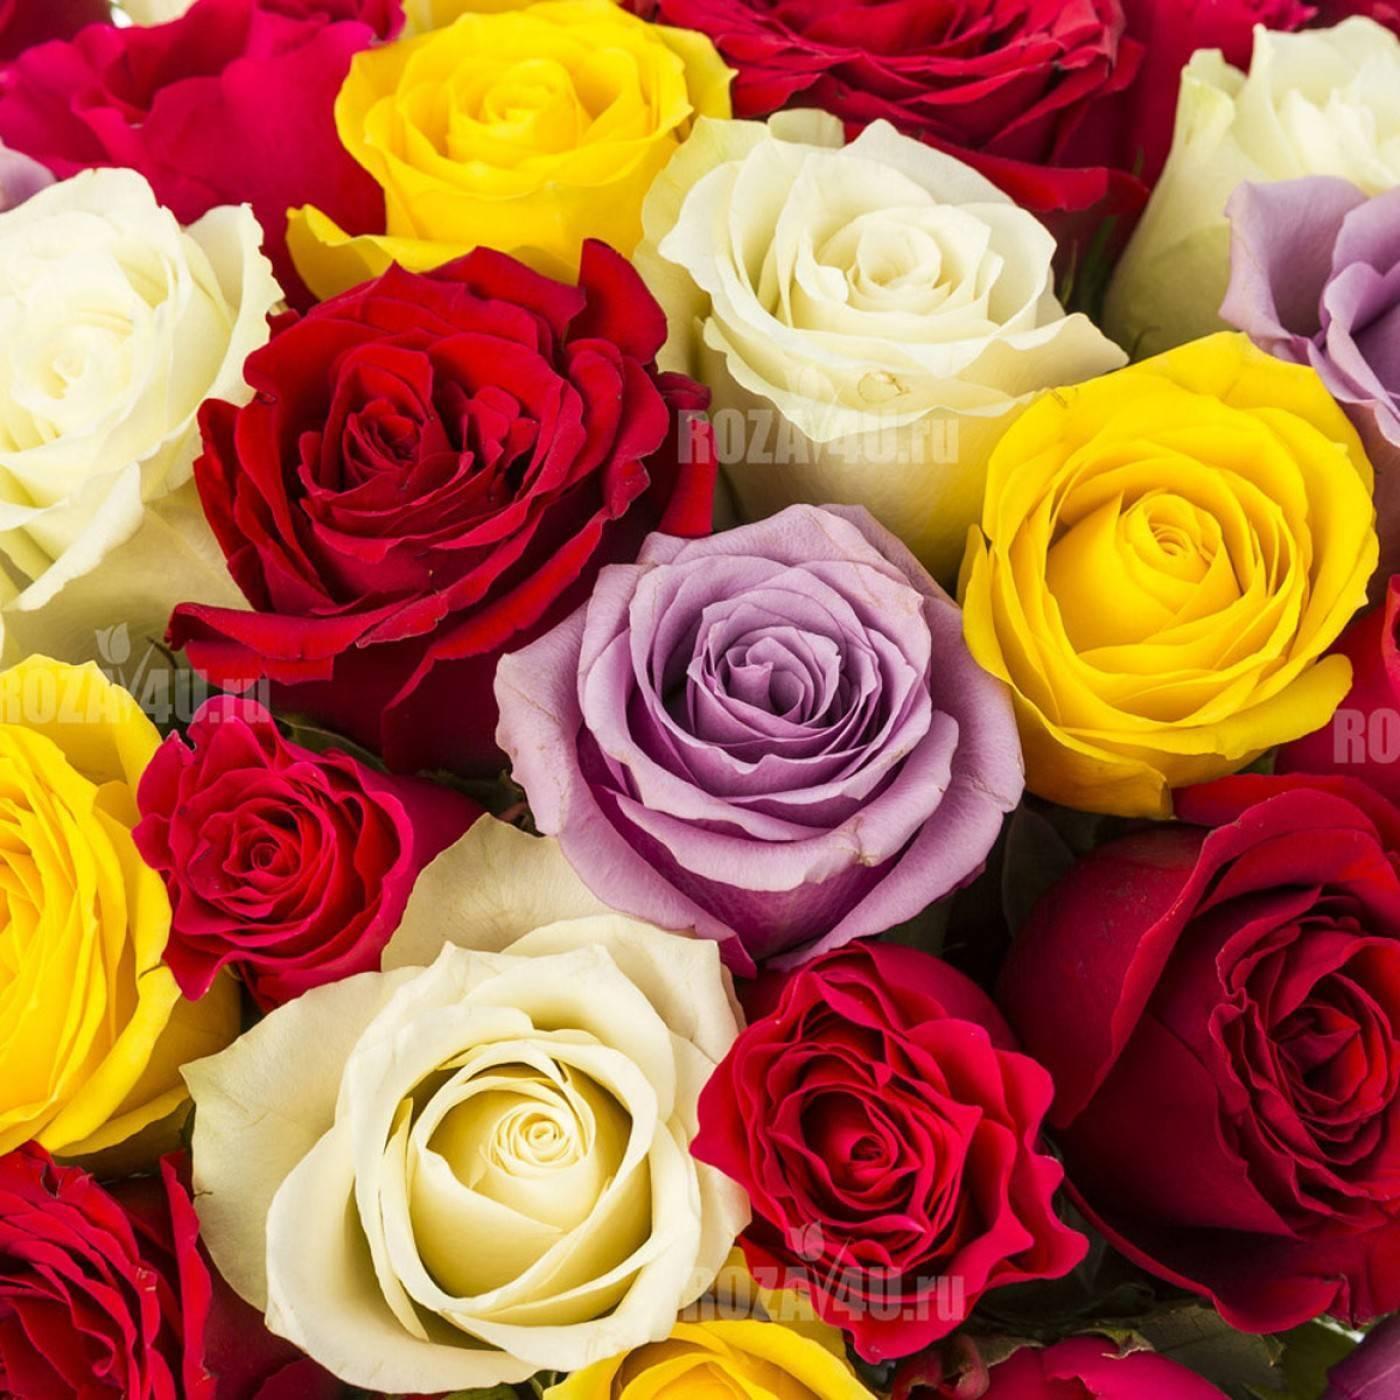 Роза кордана (kordana) — уход дома и на улице в саду